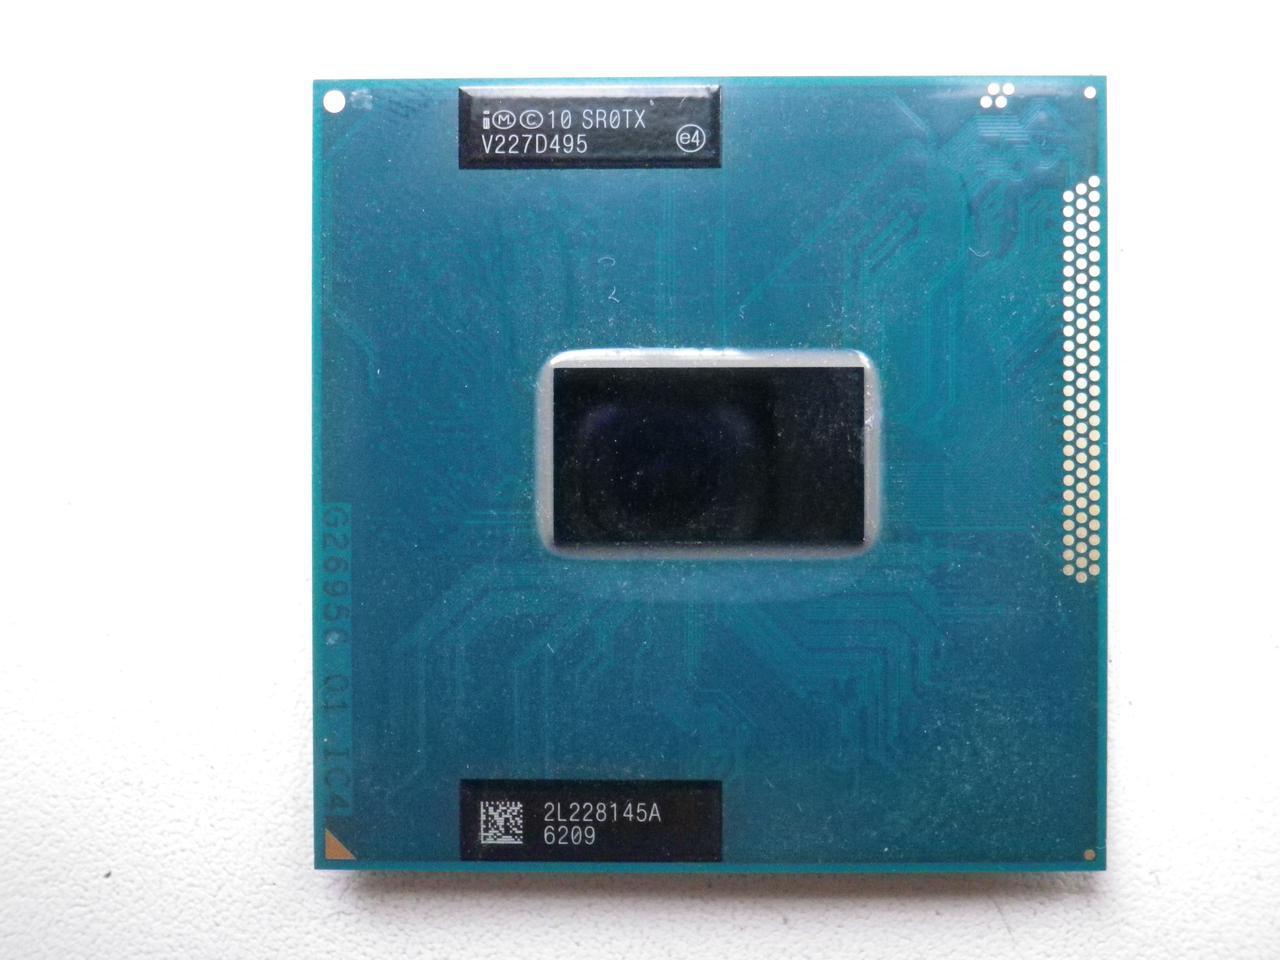 Процессор Intel Core i3-3120M(SR0TX G2/rPGA988B) 3 МБ кэш-памяти, тактовая частота 2,50 ГГц